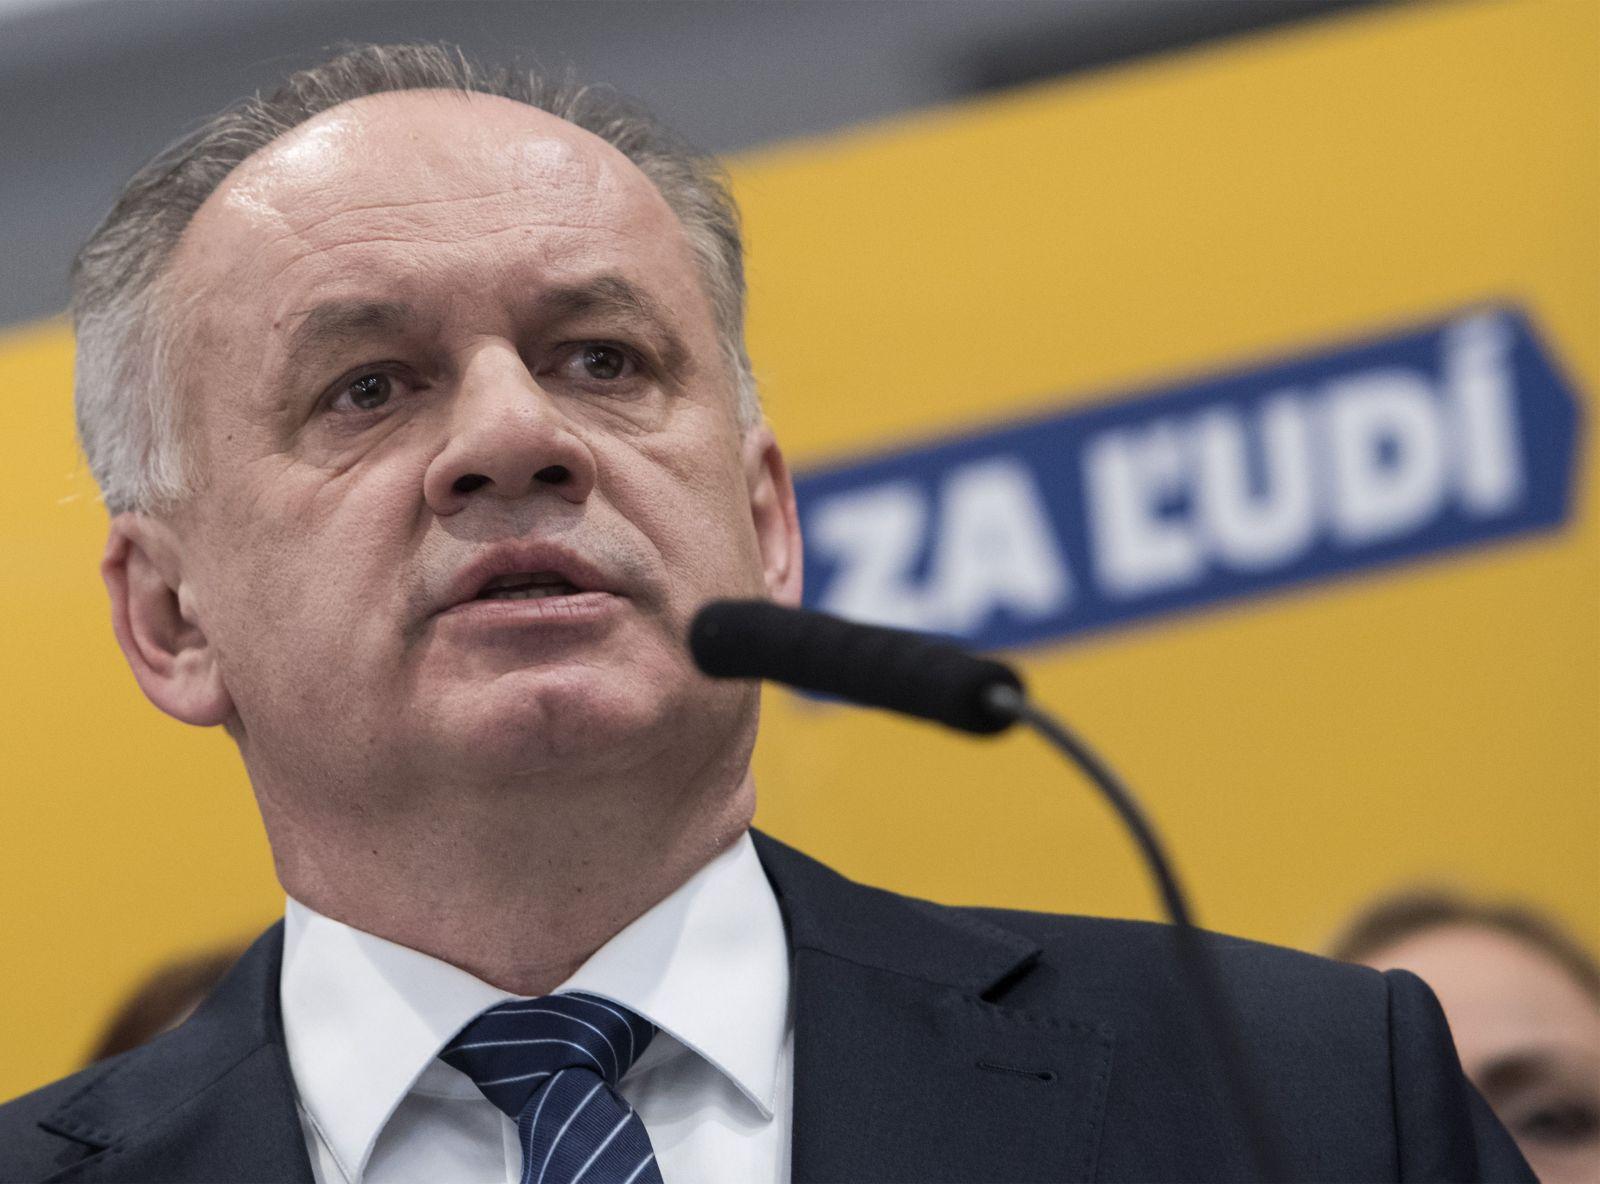 Na snímke predseda strany Za ľudí Andrej Kiska počas tlačovej konferencie po predsedníctve strany 5. marca 2020 v Bratislave.